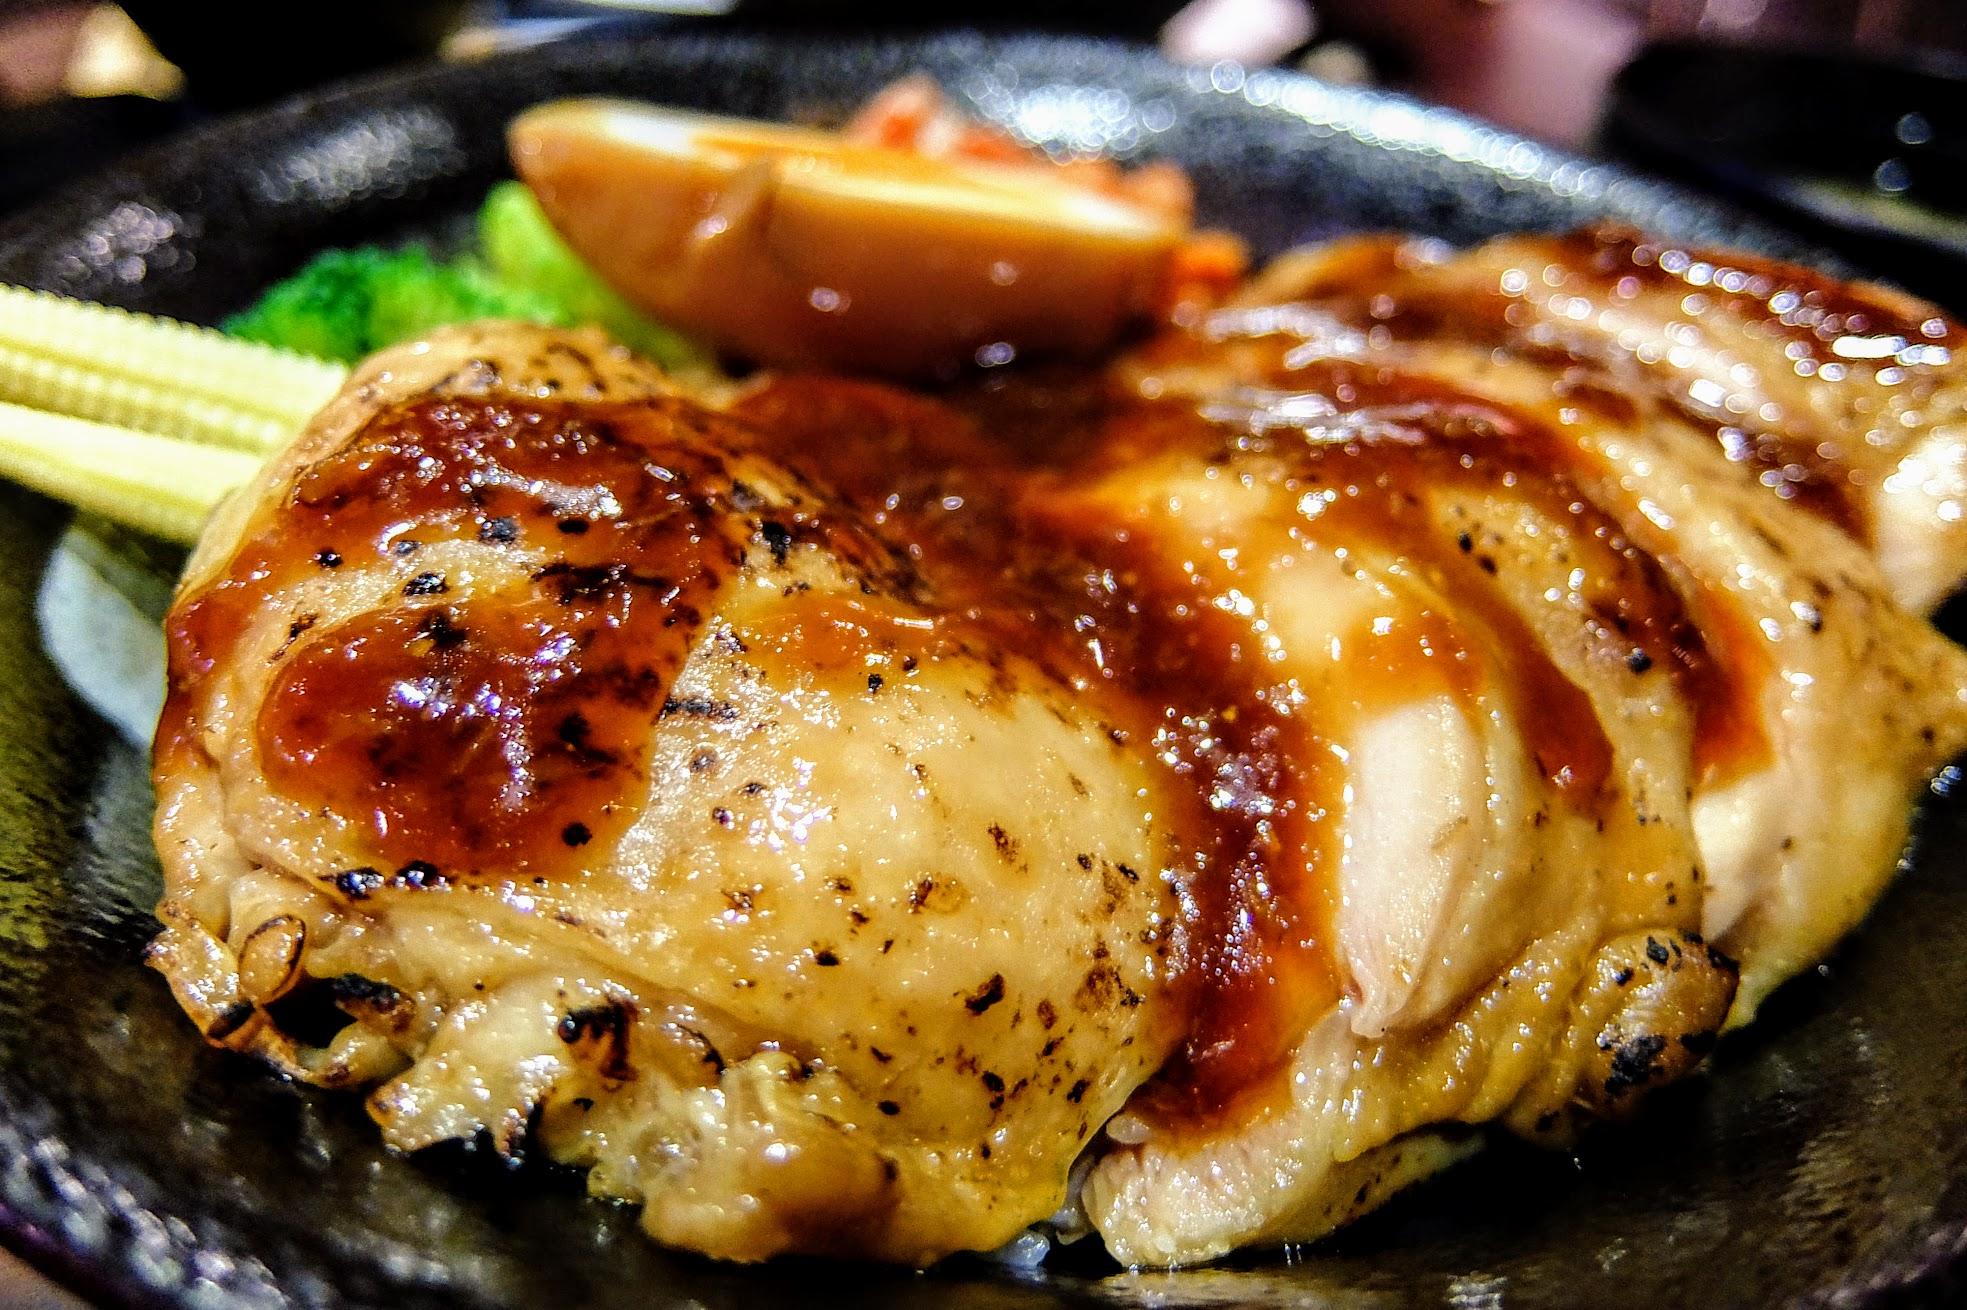 帶皮去骨的雞腿排,上頭淋上薑燒醬汁